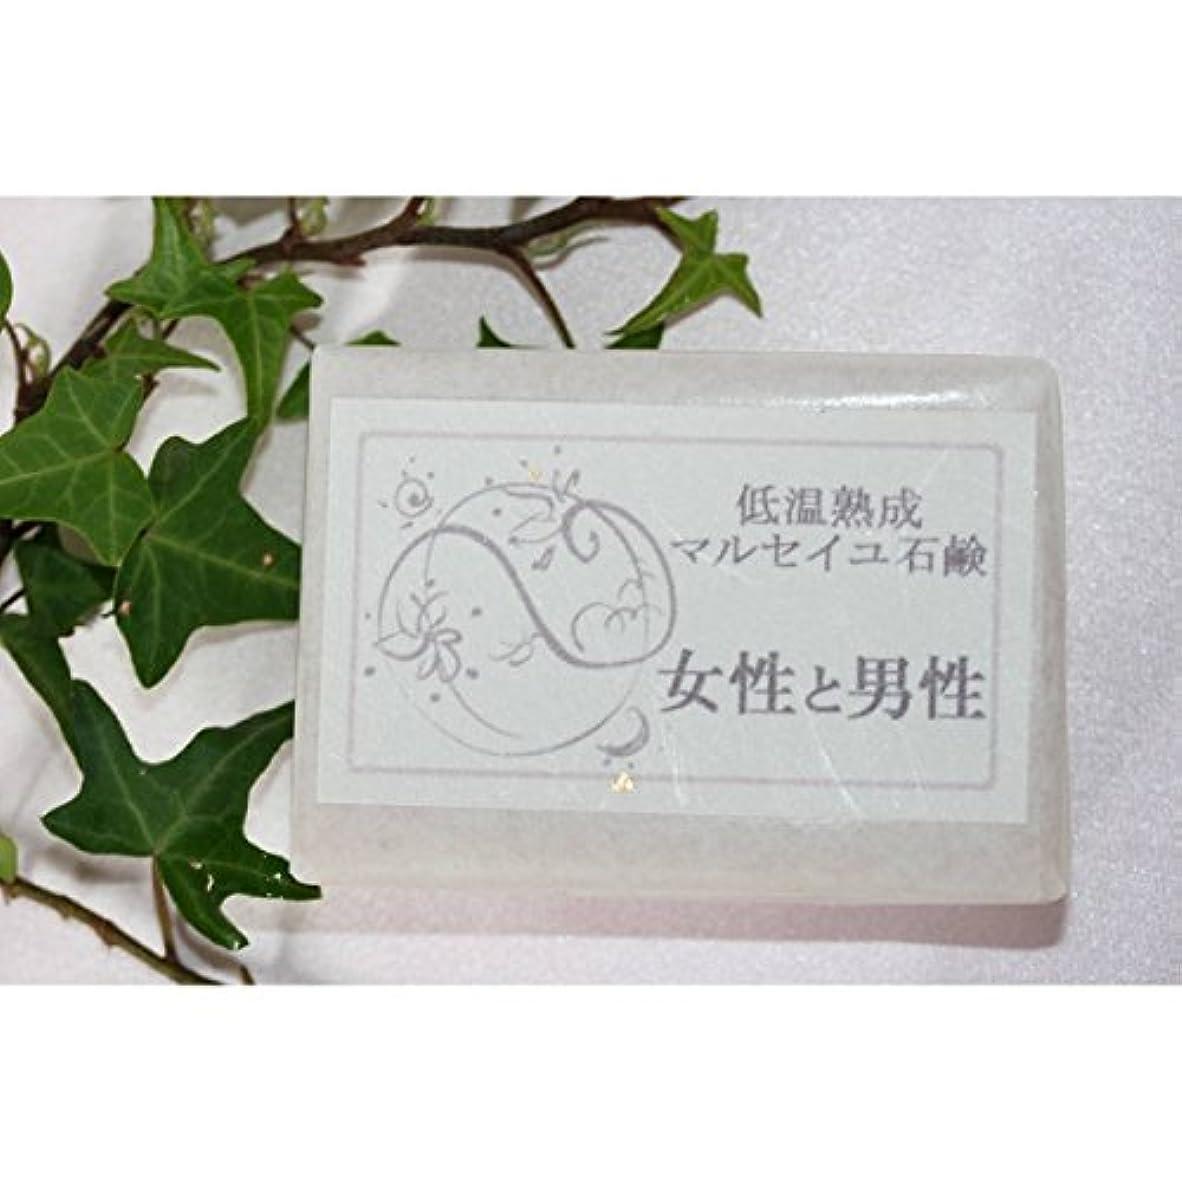 招待ブースト白雪姫マウントフジ フラワーエッセンス 低温熟成 マルセイユ石鹸 「女性と男性」 (MTFUJI FLOWER ESSENCES)